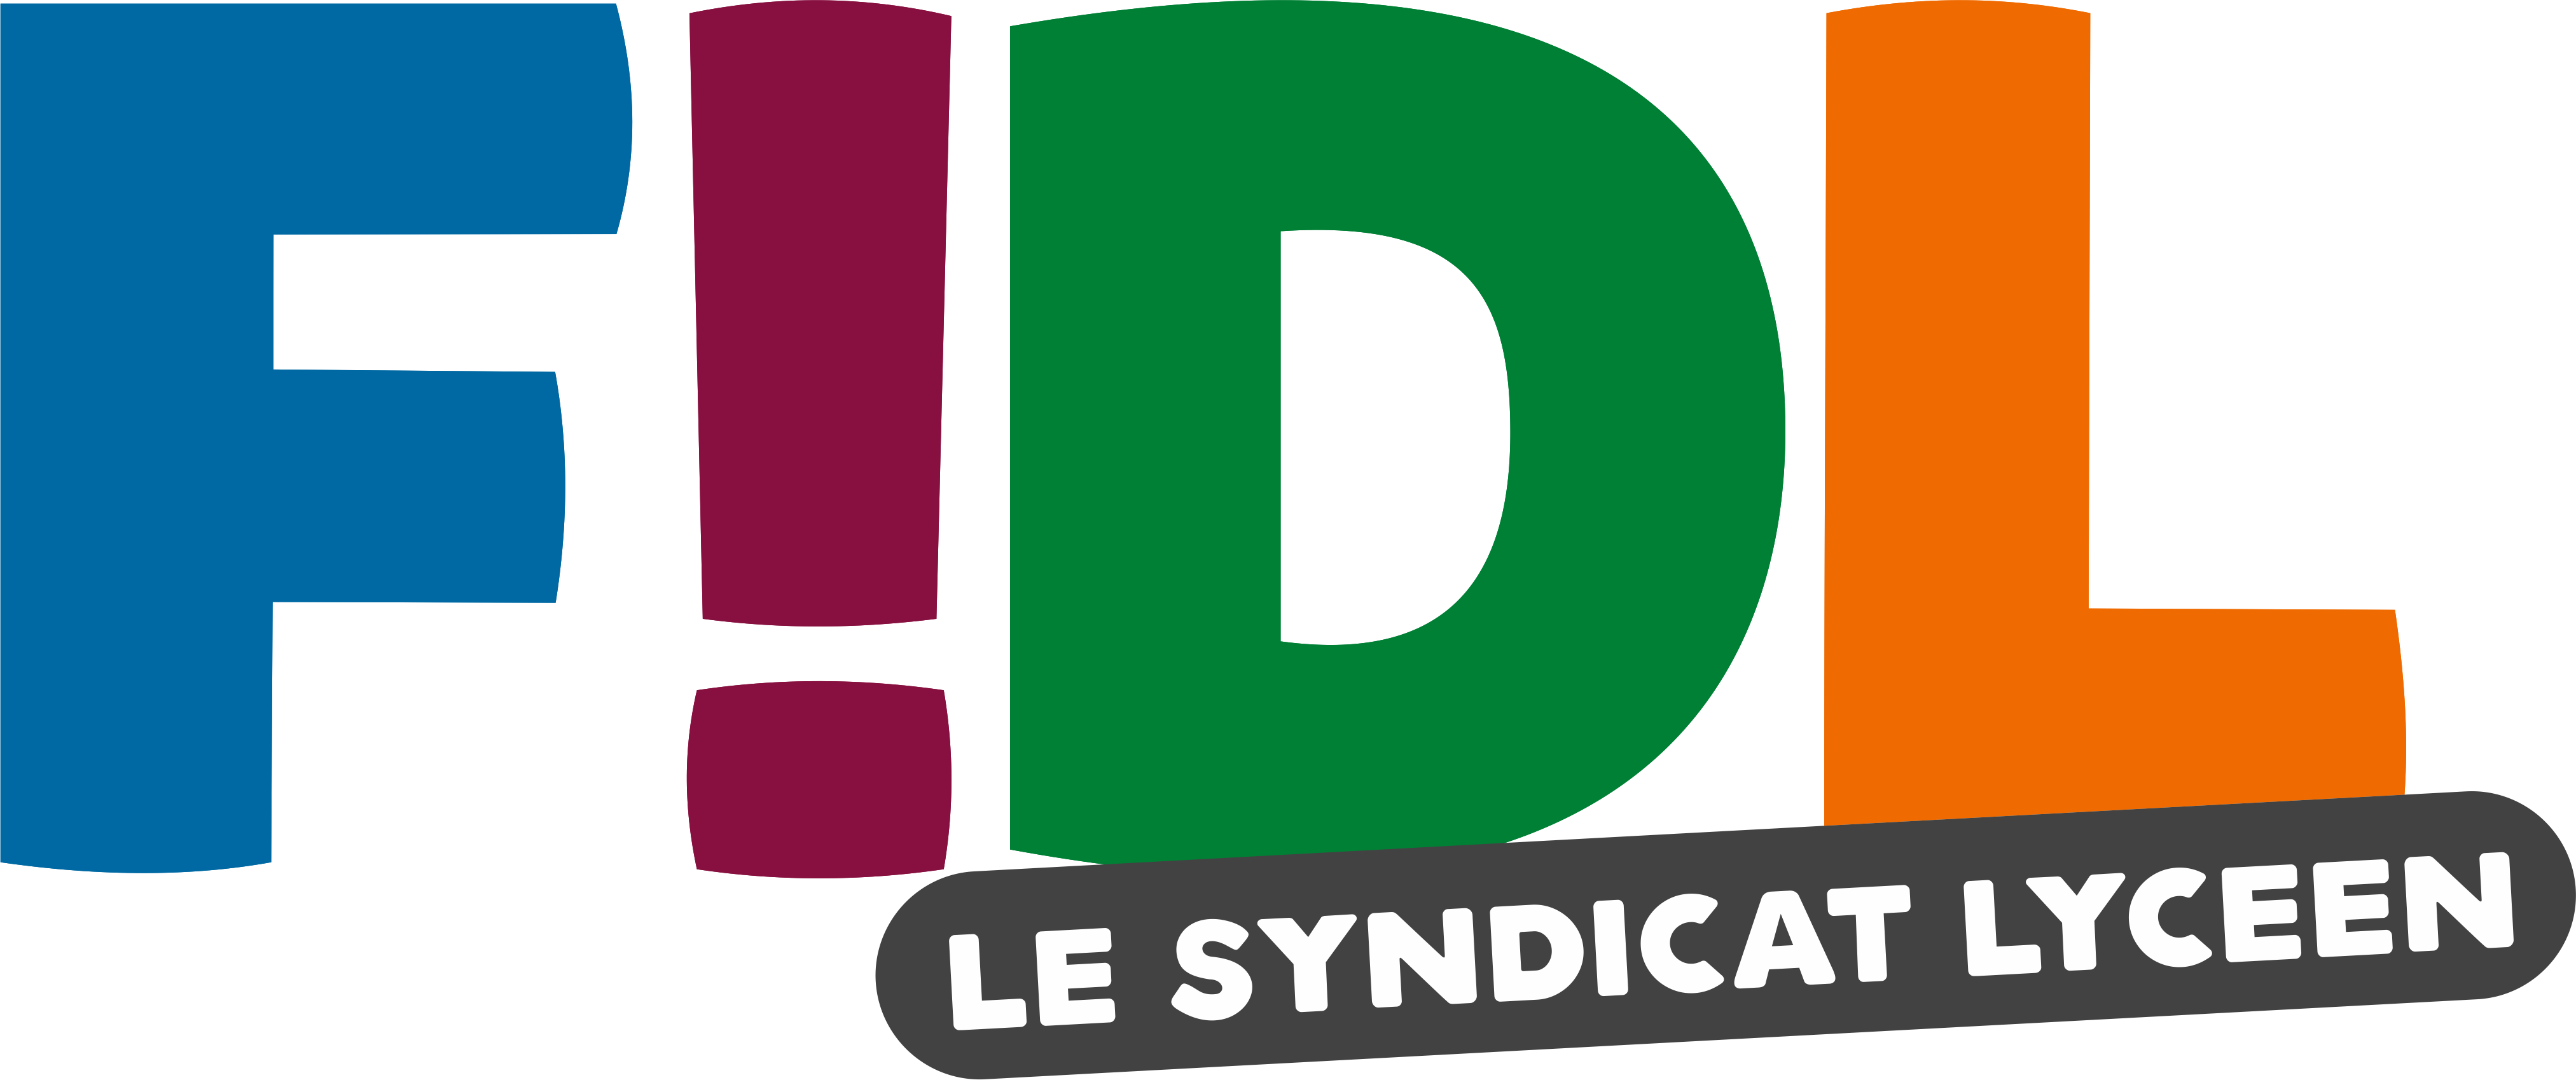 FIDL, le syndicat lycéen !